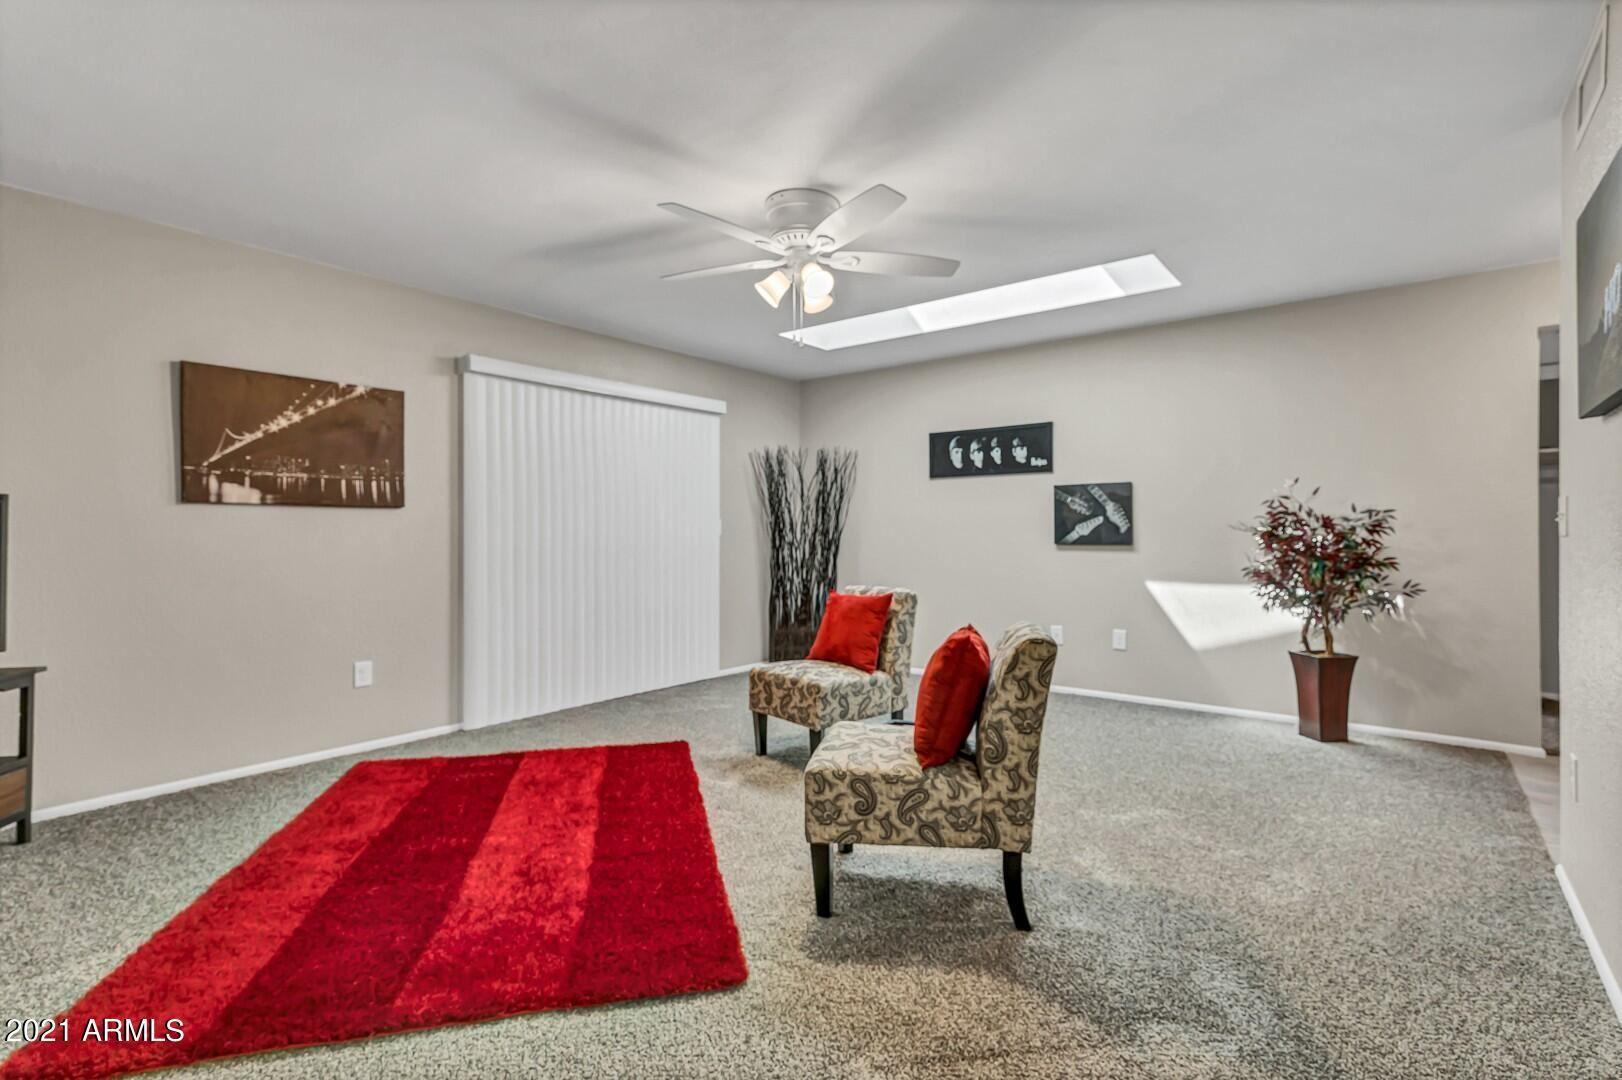 Photo of 11511 W OHIO Avenue, Youngtown, AZ 85363 (MLS # 6304449)